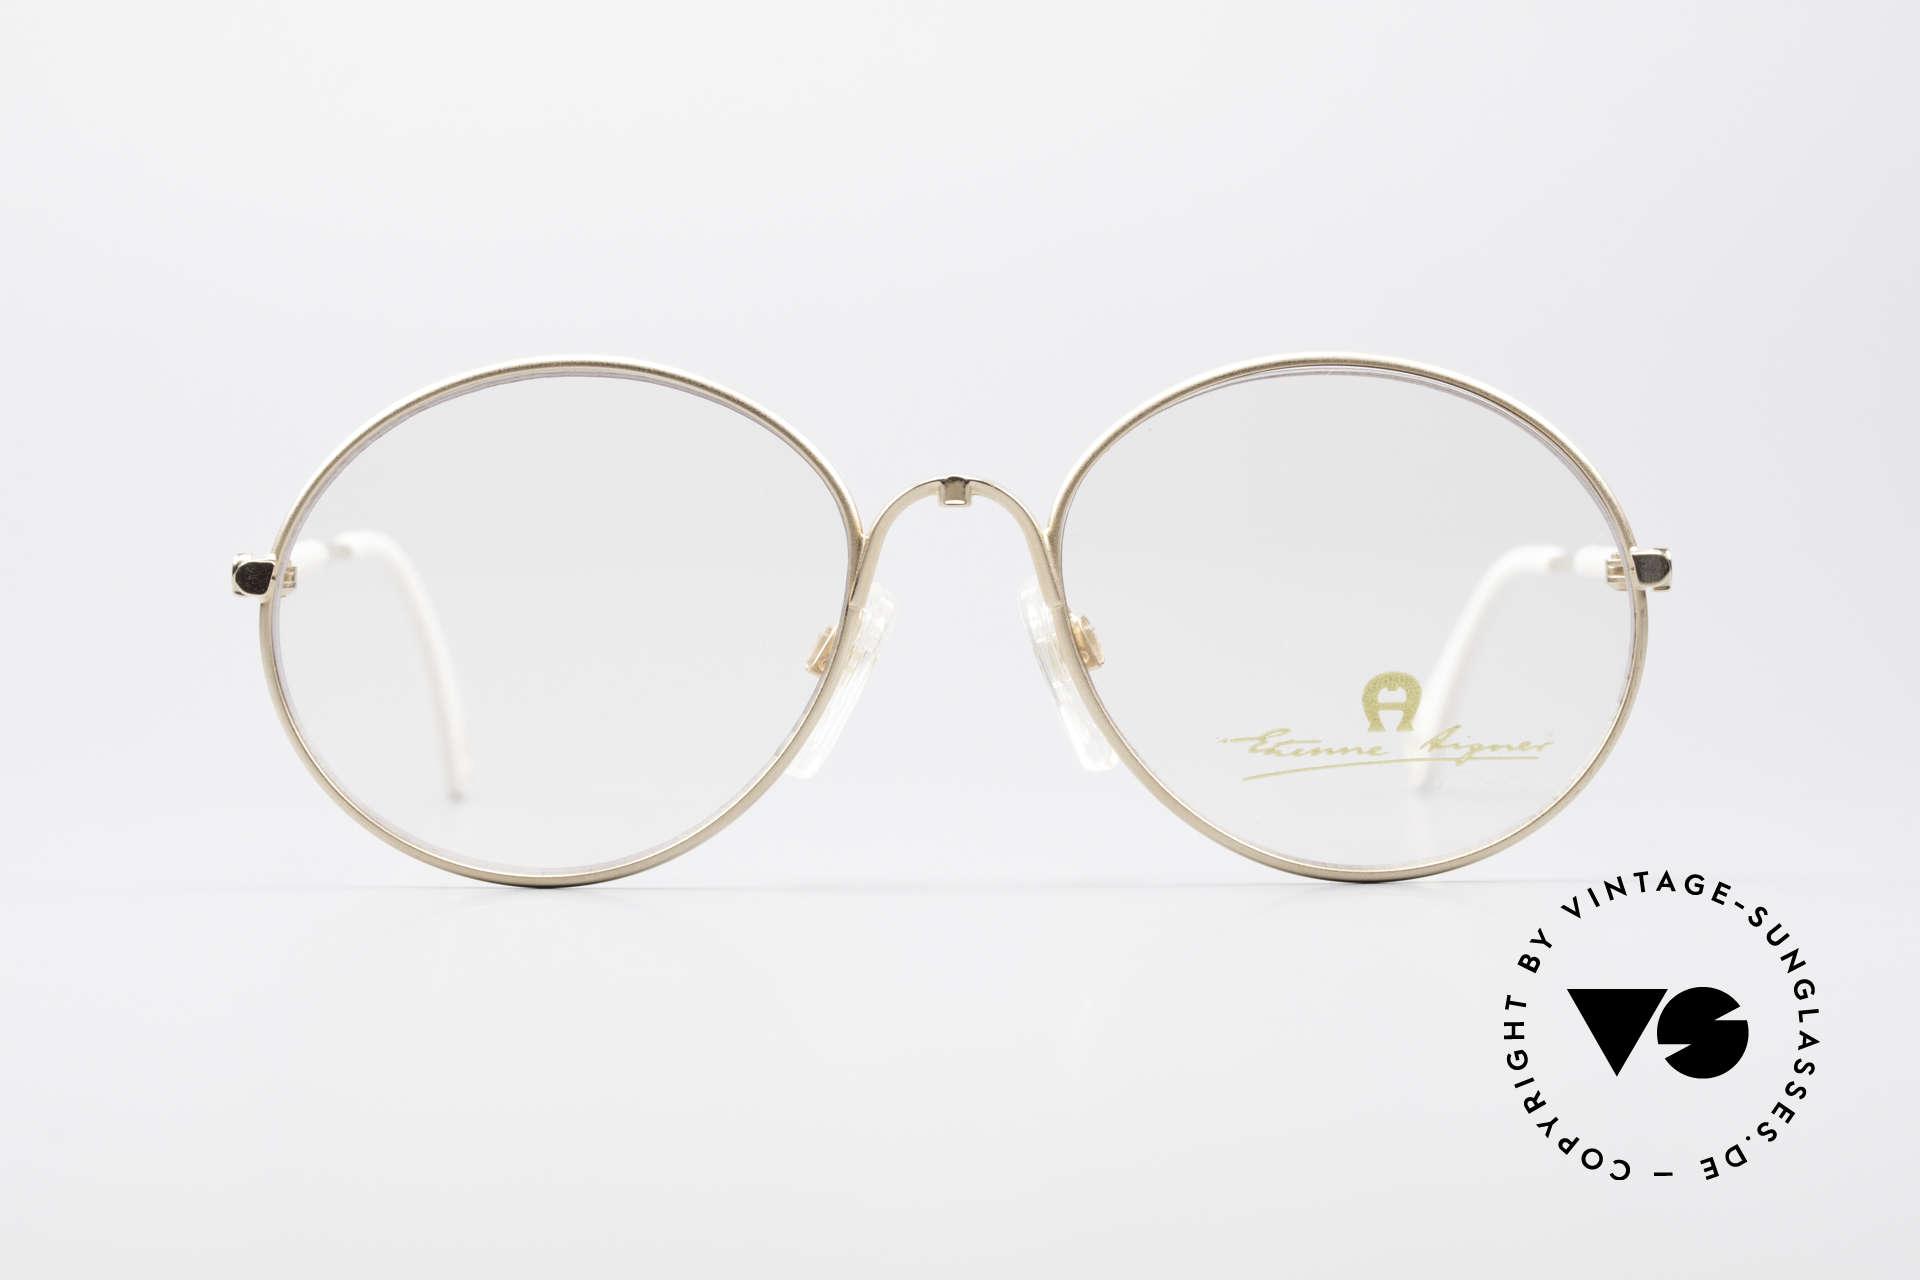 Aigner EA13 Kleine Runde 80er Brille, runde Fassung in KLEINER Gr. 53/18 (120mm breit), Passend für Damen